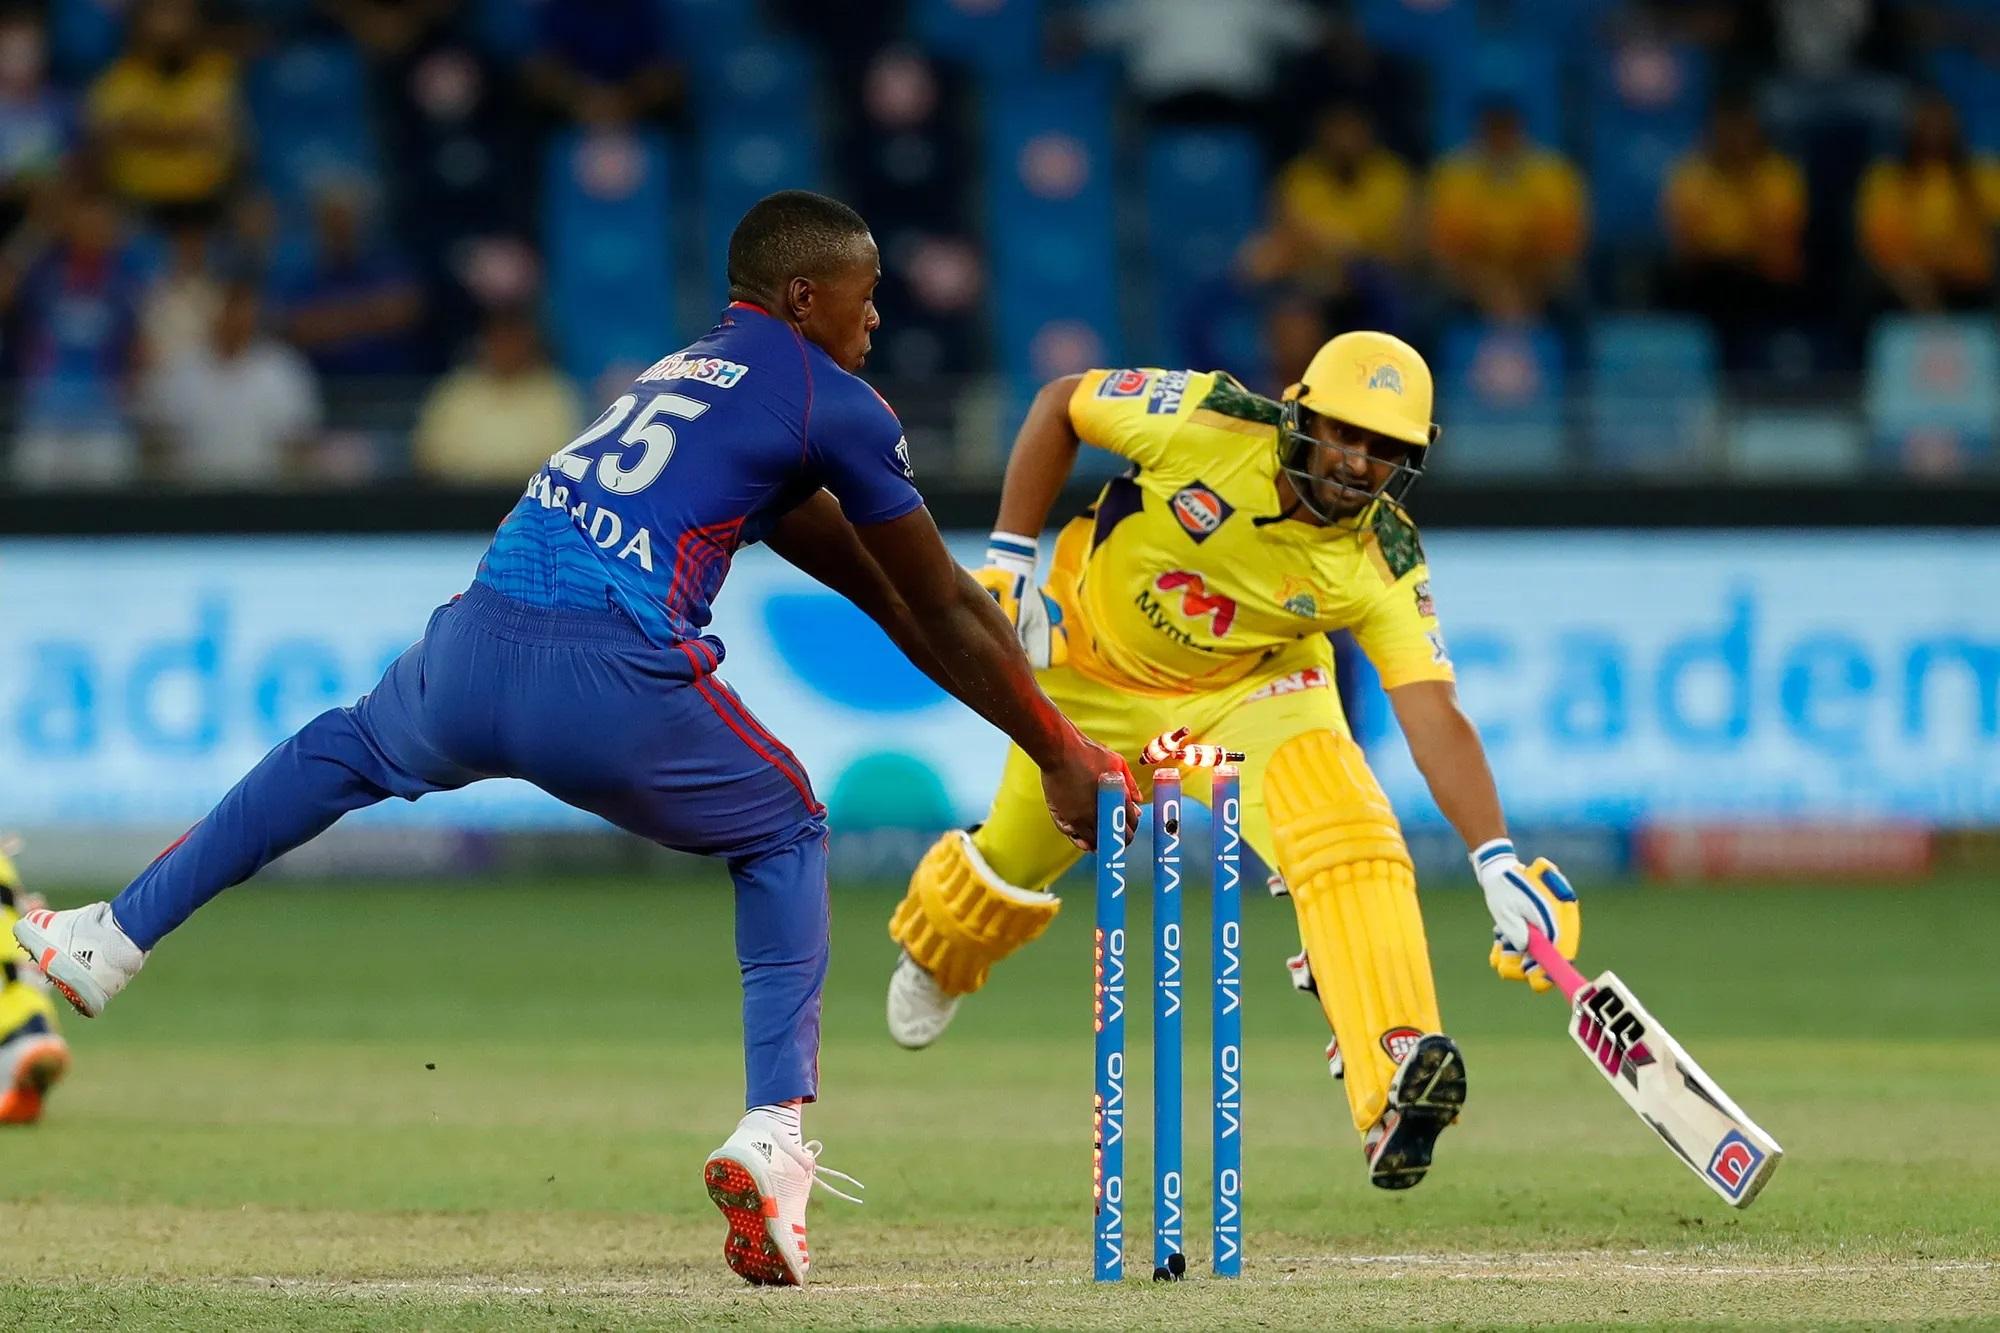 श्रेयस अय्यर के एक कमाल के थ्रो के चलते चेन्नई के मध्य क्रम के सबसे तगड़े बल्लेबाज अंबाती रायडू भी रन आउट हो गए। यहां पर पहली बार लगा कि अब चेन्नई के हाथ से ये मैच निकल गया, क्योंकि उथप्पा जब आउट हुए तो चेन्नई का स्कोर113 रन पर 3 विकेट था। इसके बाद सिर्फ 119 रन, यानी 6 रन के बीच चेन्नई के 4 विकेट गिर चुके थे।